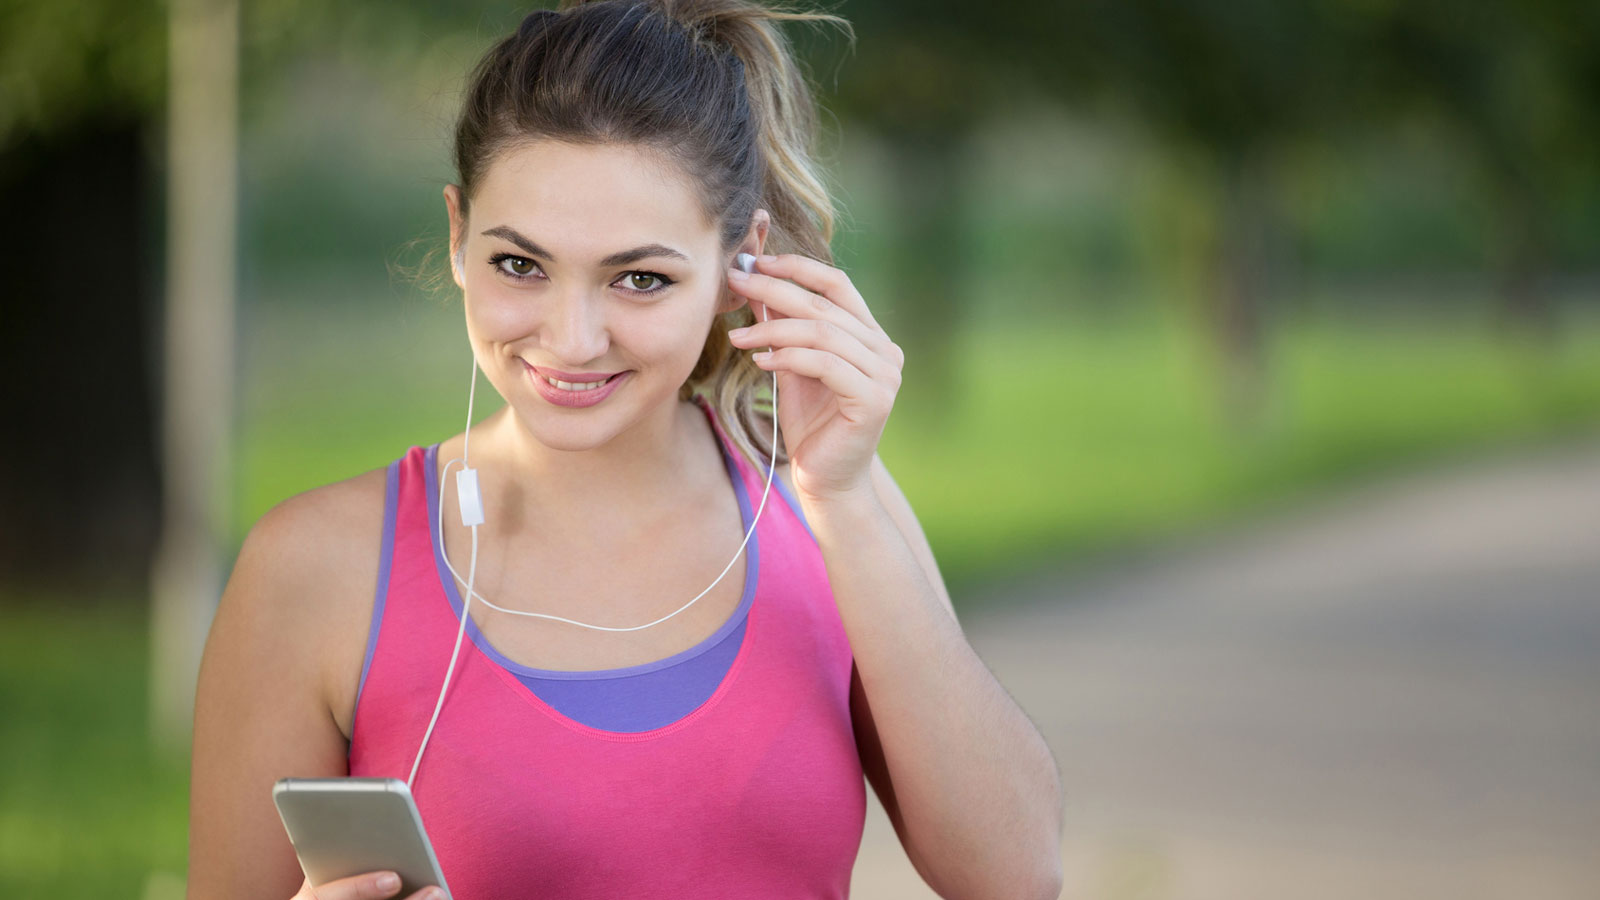 Der Musikdienst Deezer bietet über 40 Millionen Titel